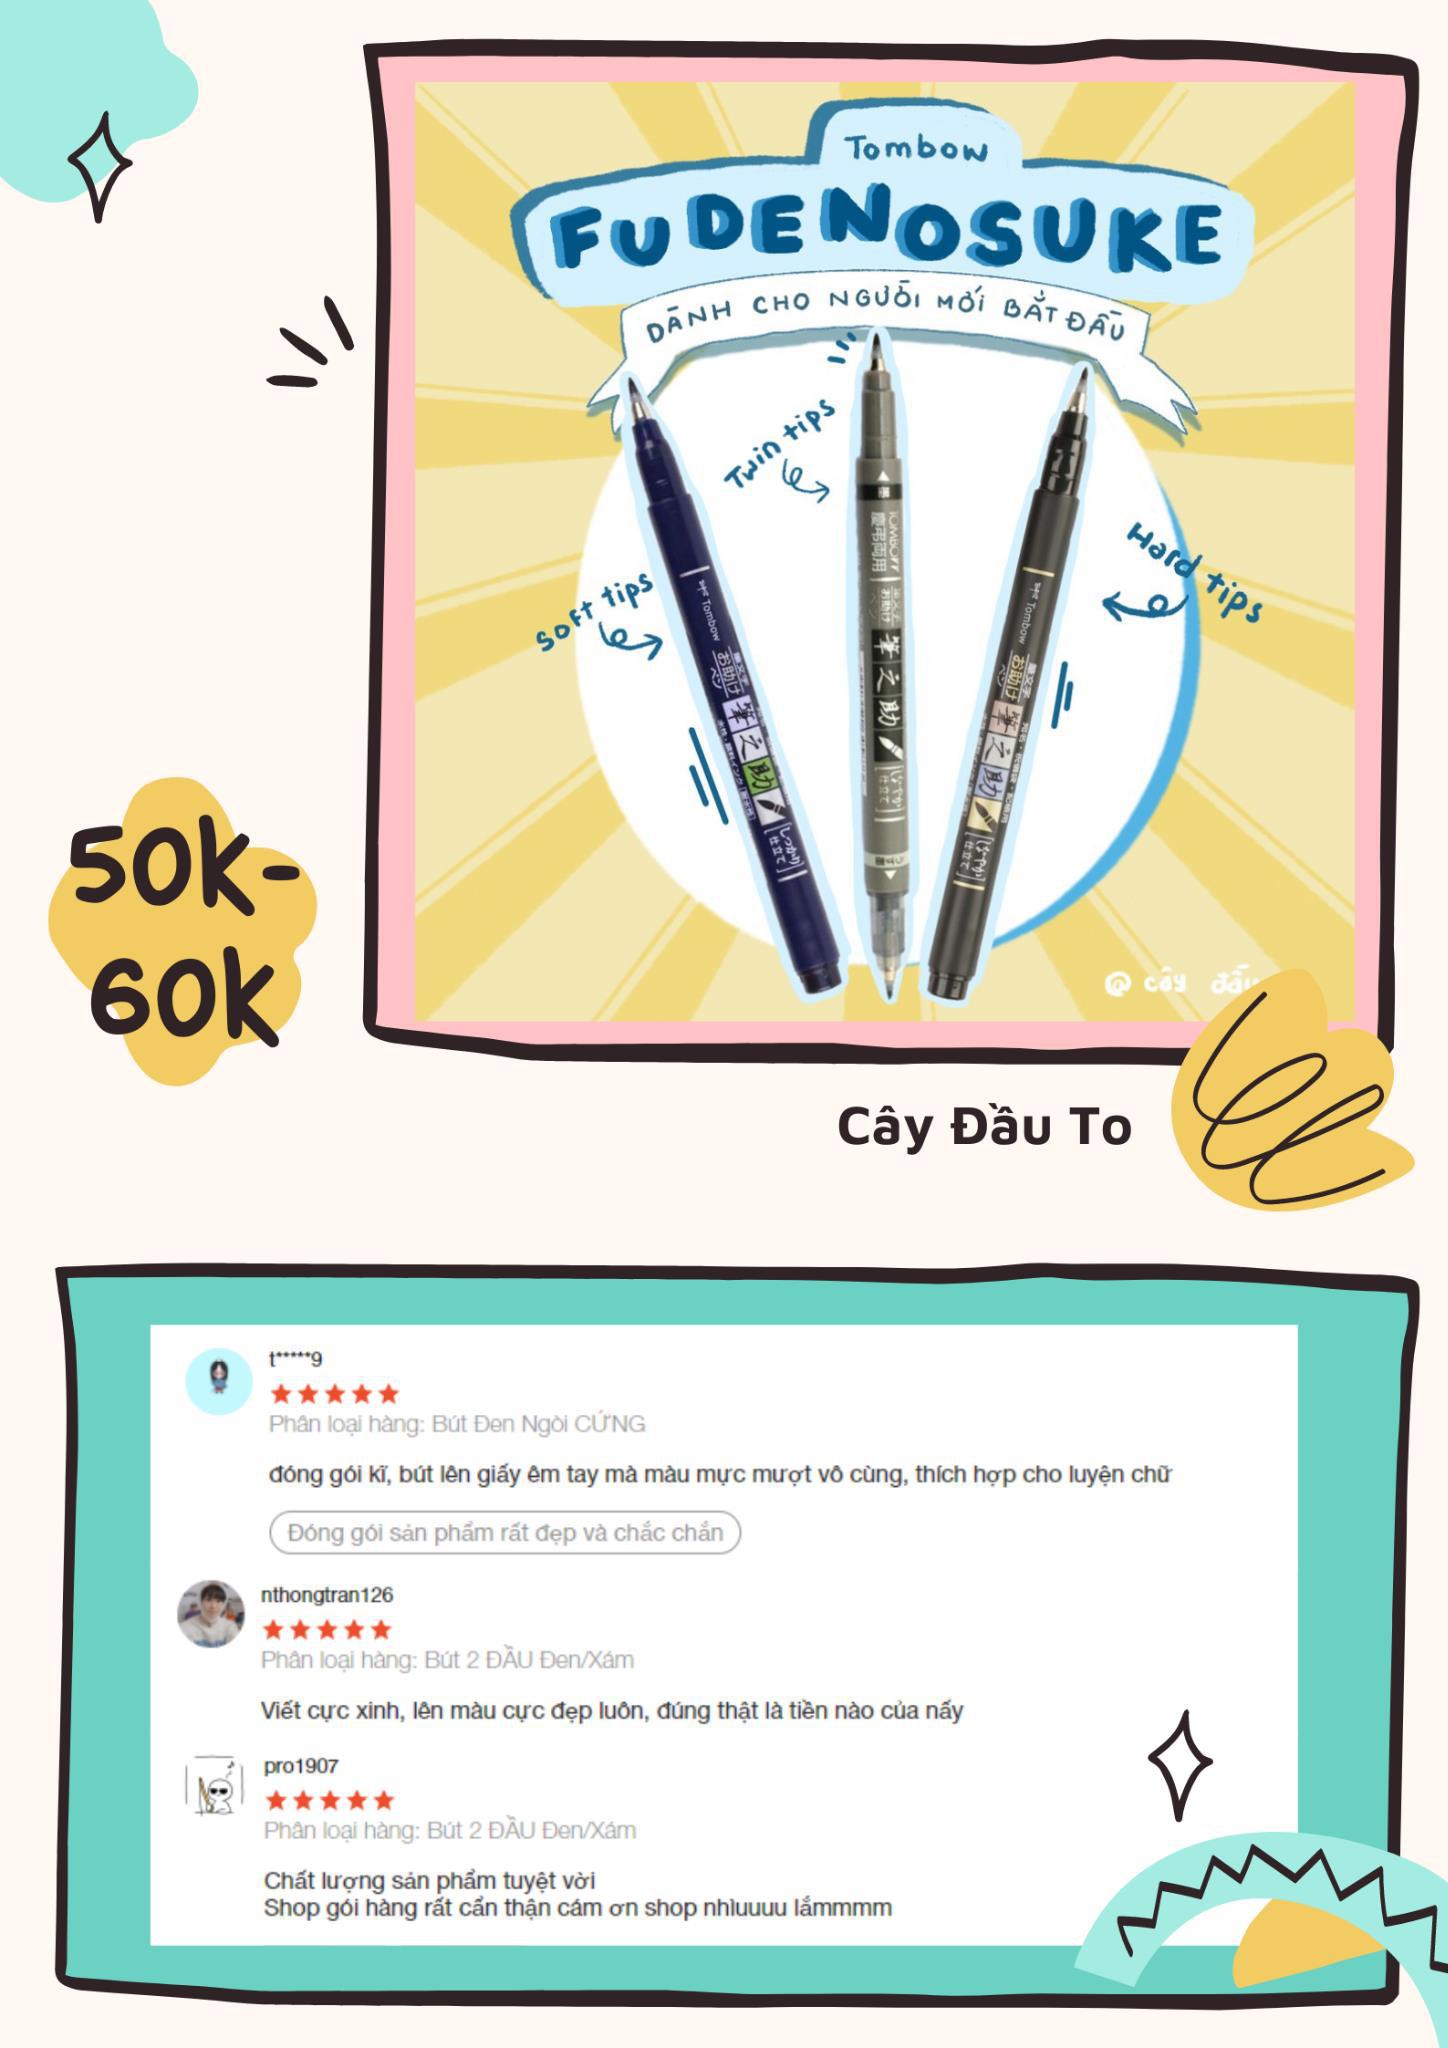 Khám phá loạt văn phòng phẩm vừa tiện vừa xinh có giá dưới 100K tại Shopee - Ảnh 2.